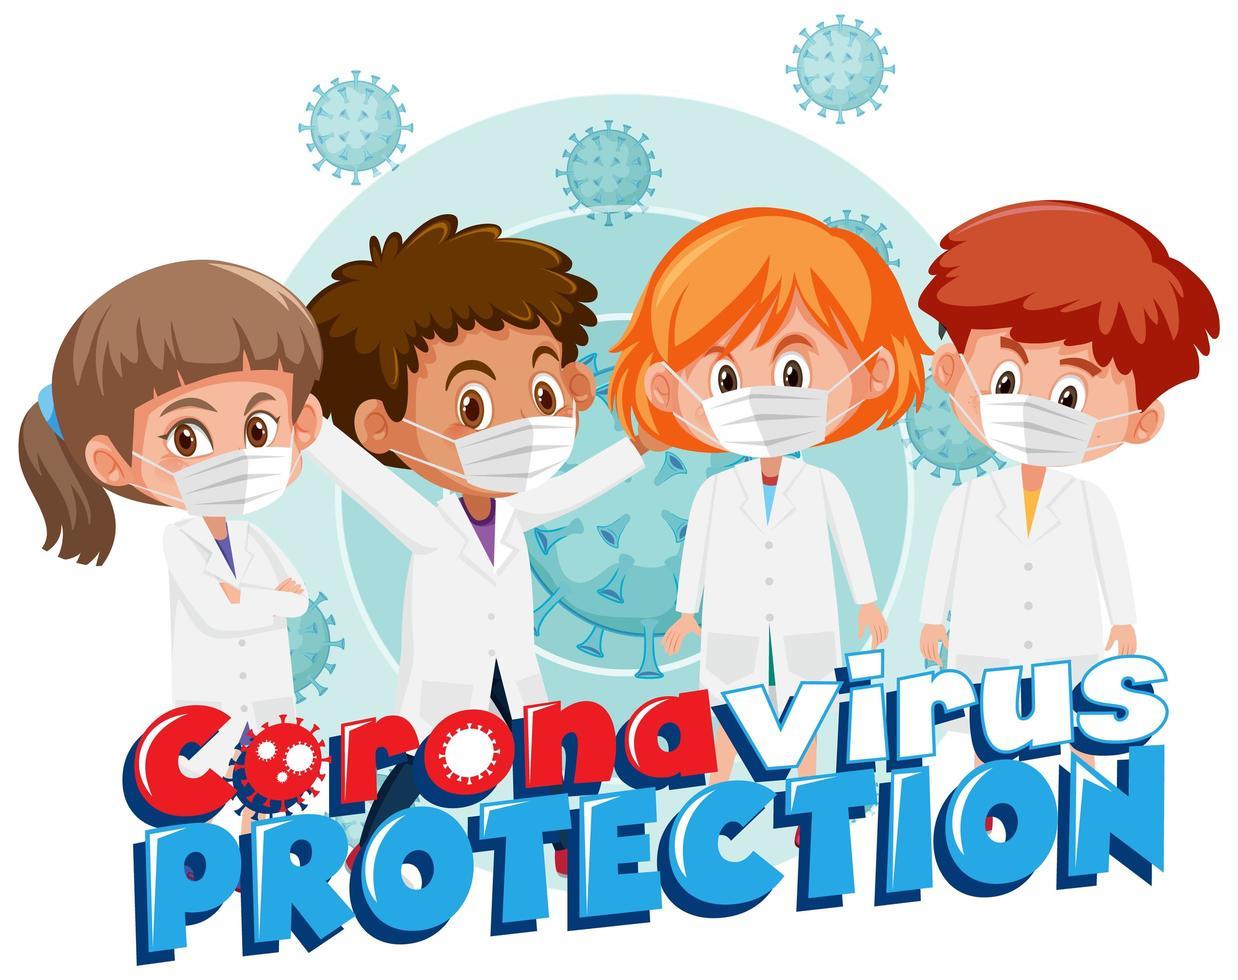 grupp unga läkare som kämpar mot covid-19 vektor